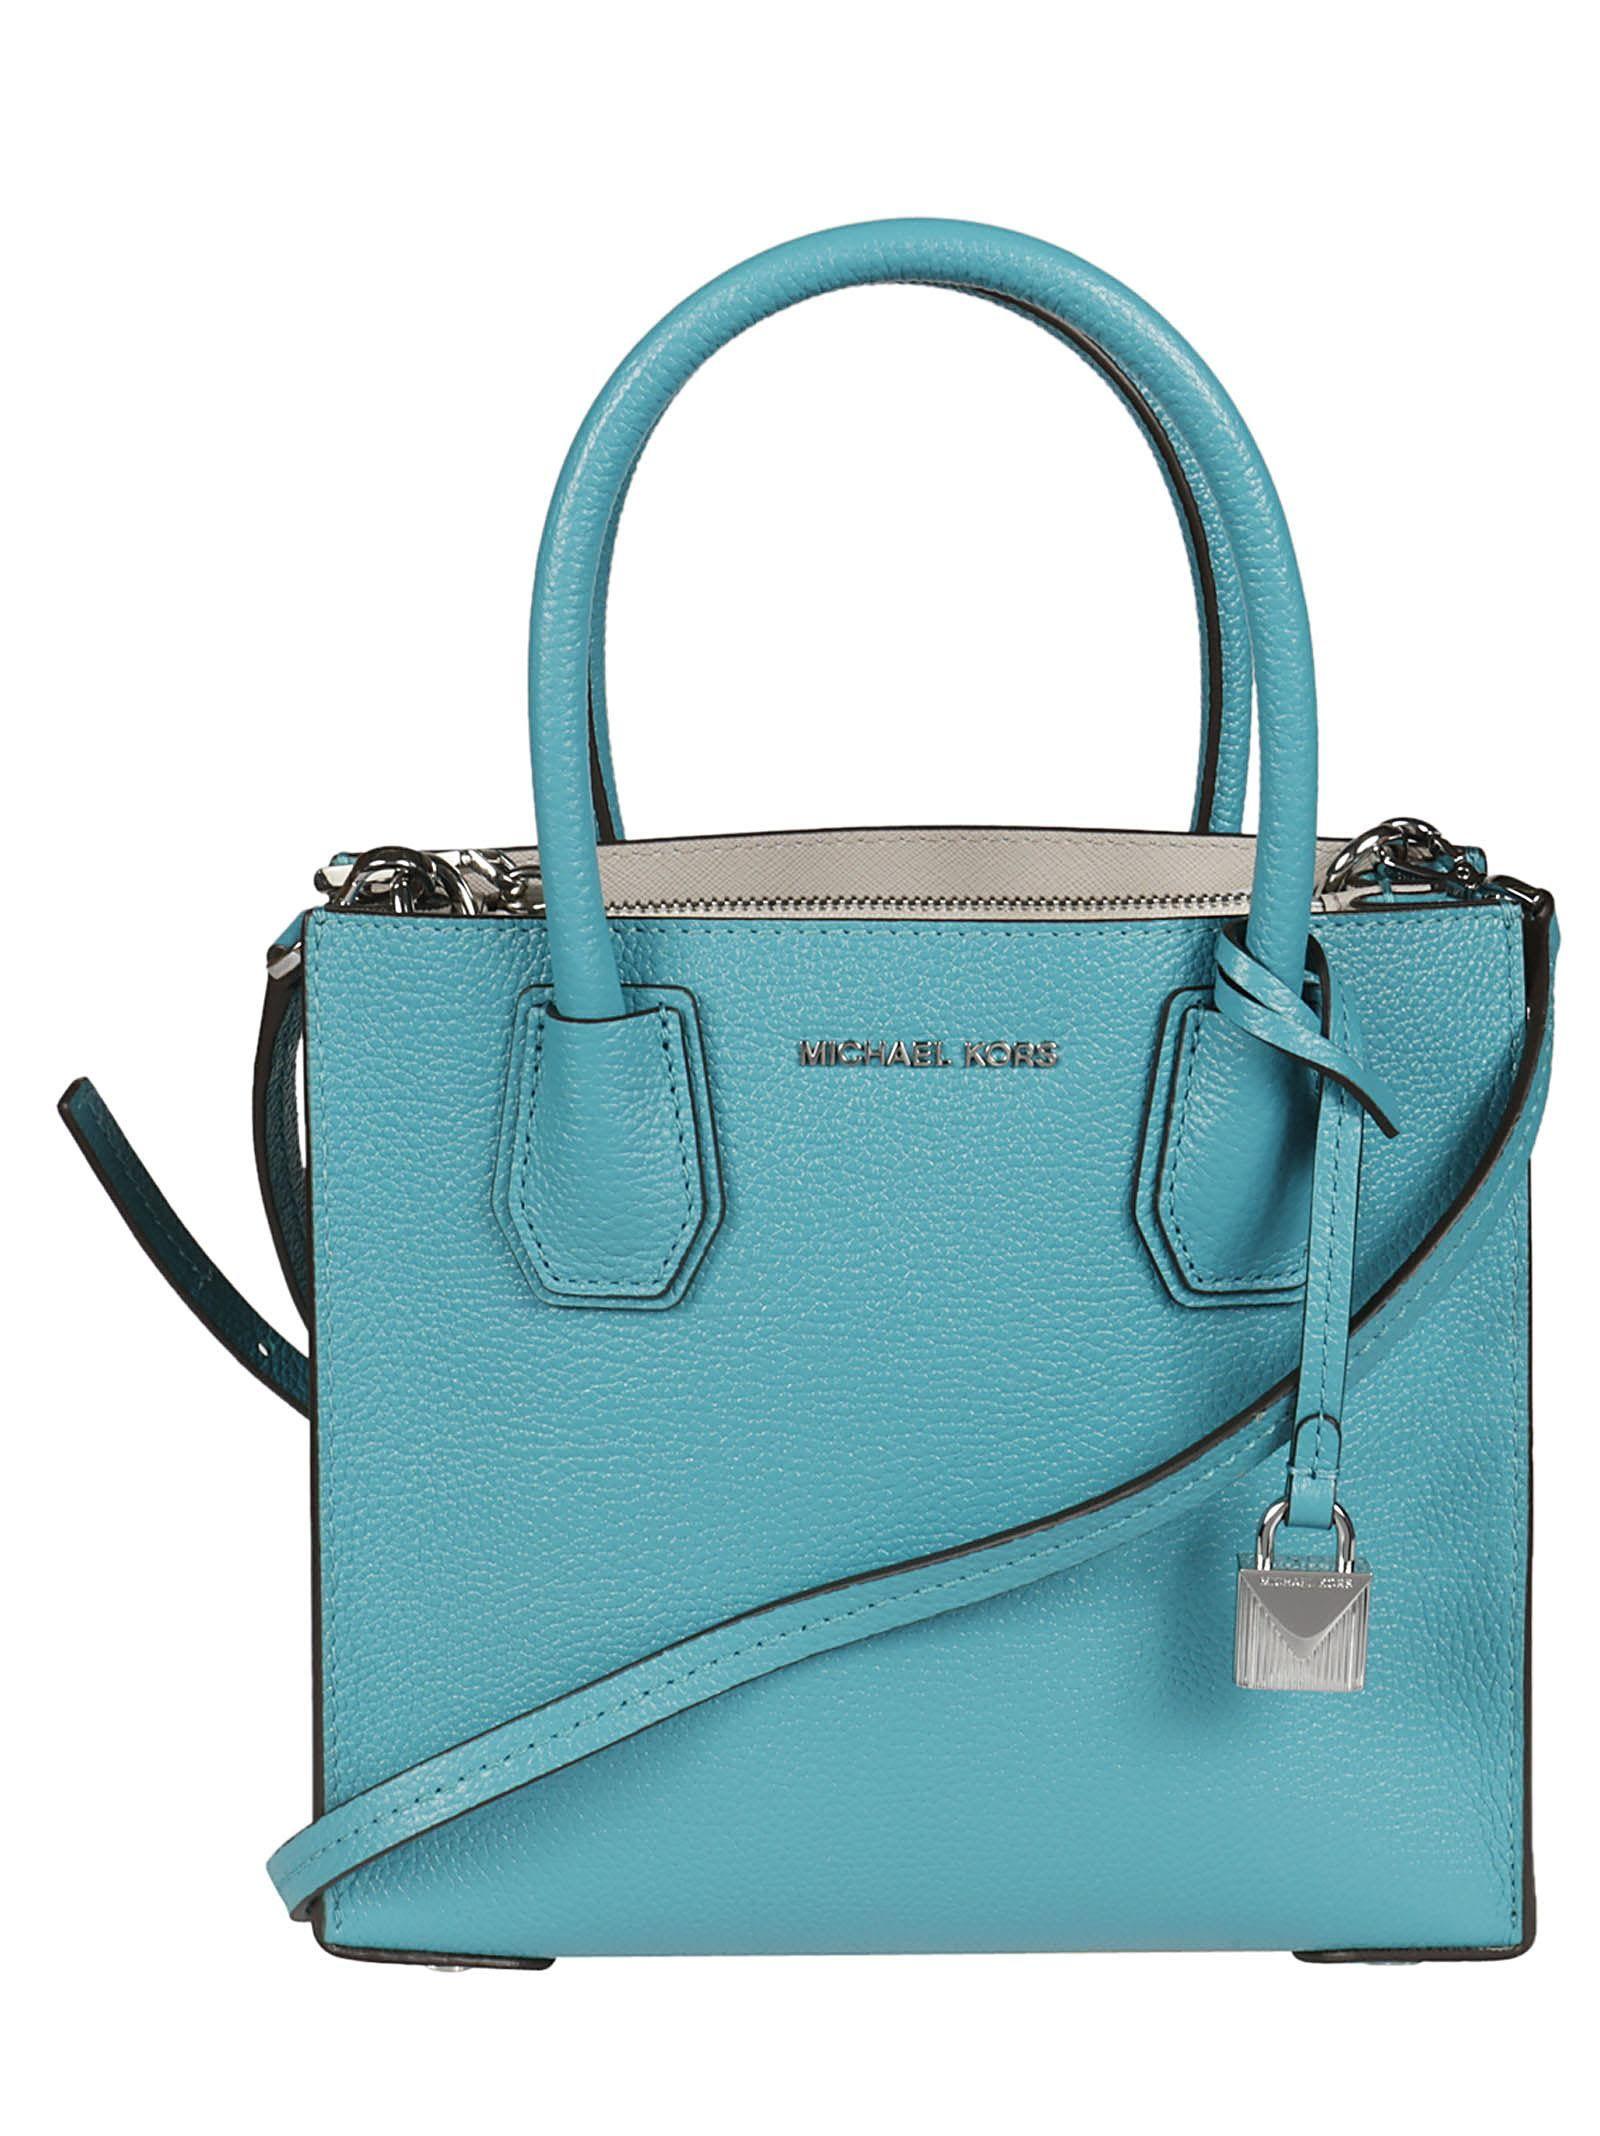 243d444e65 MICHAEL KORS MEDIUM MERCER SHOULDER BAG.  michaelkors  bags  shoulder bags   hand bags  leather  metallic